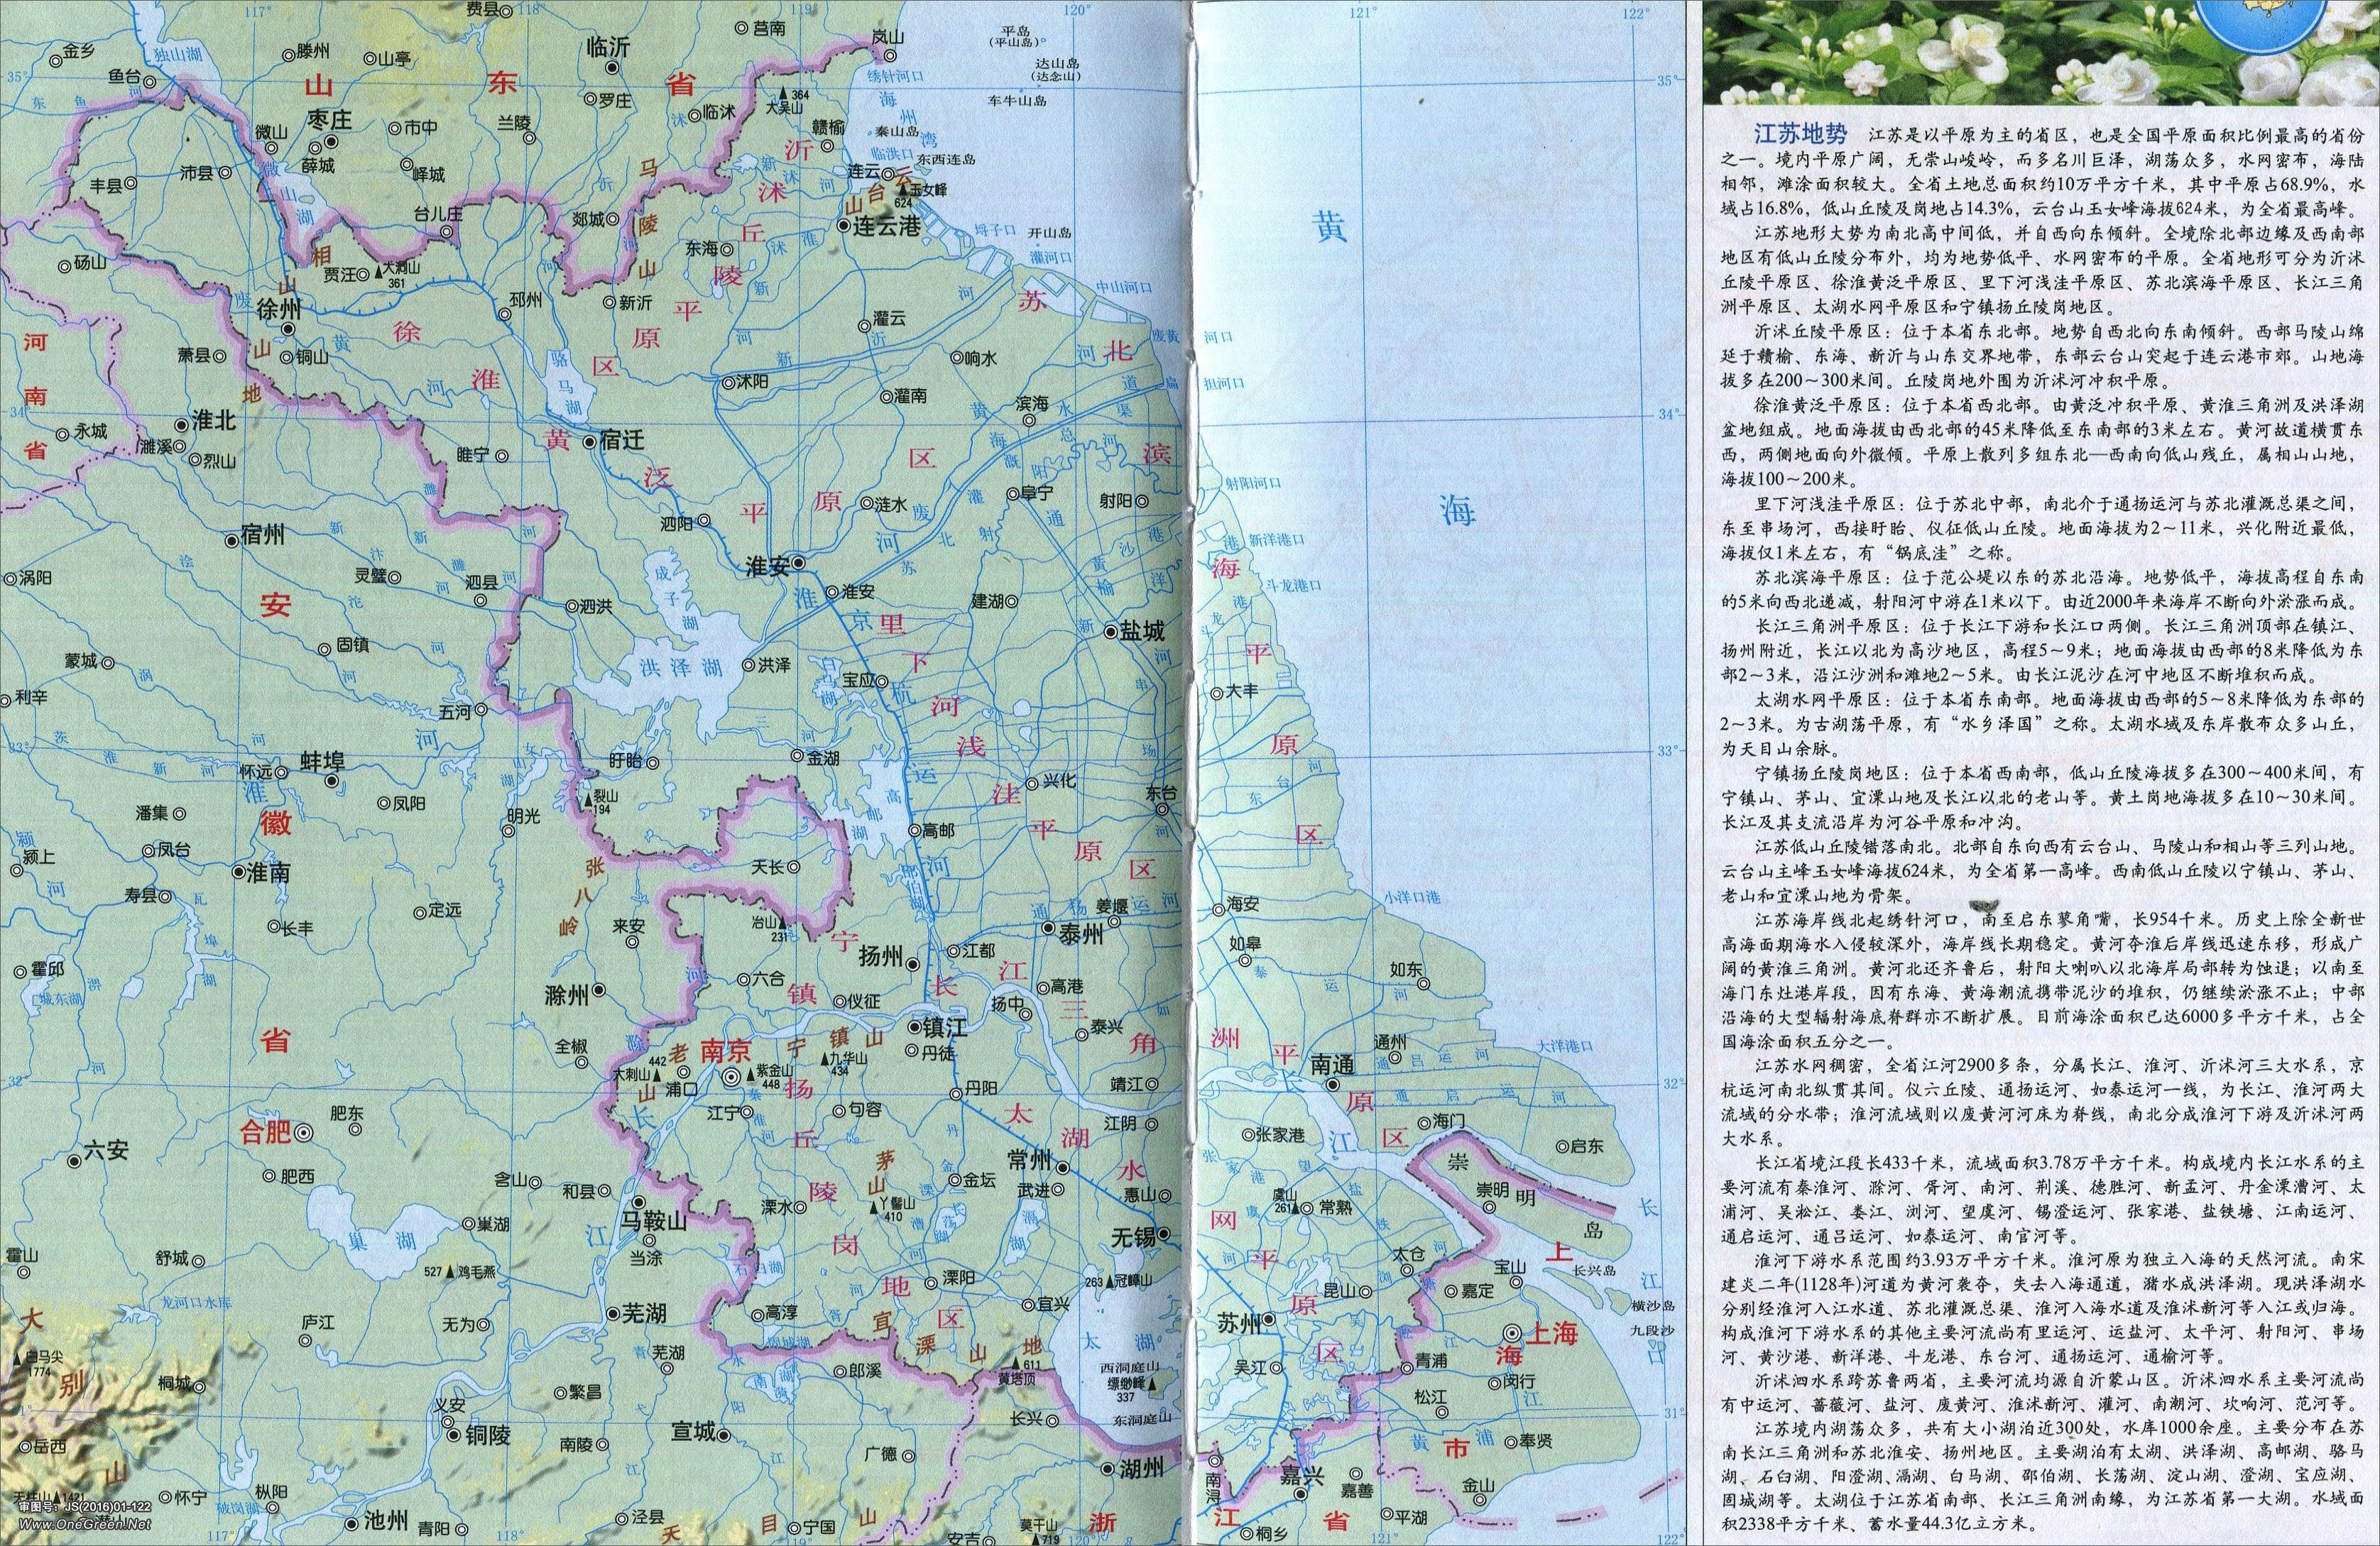 江苏地图全图高清版